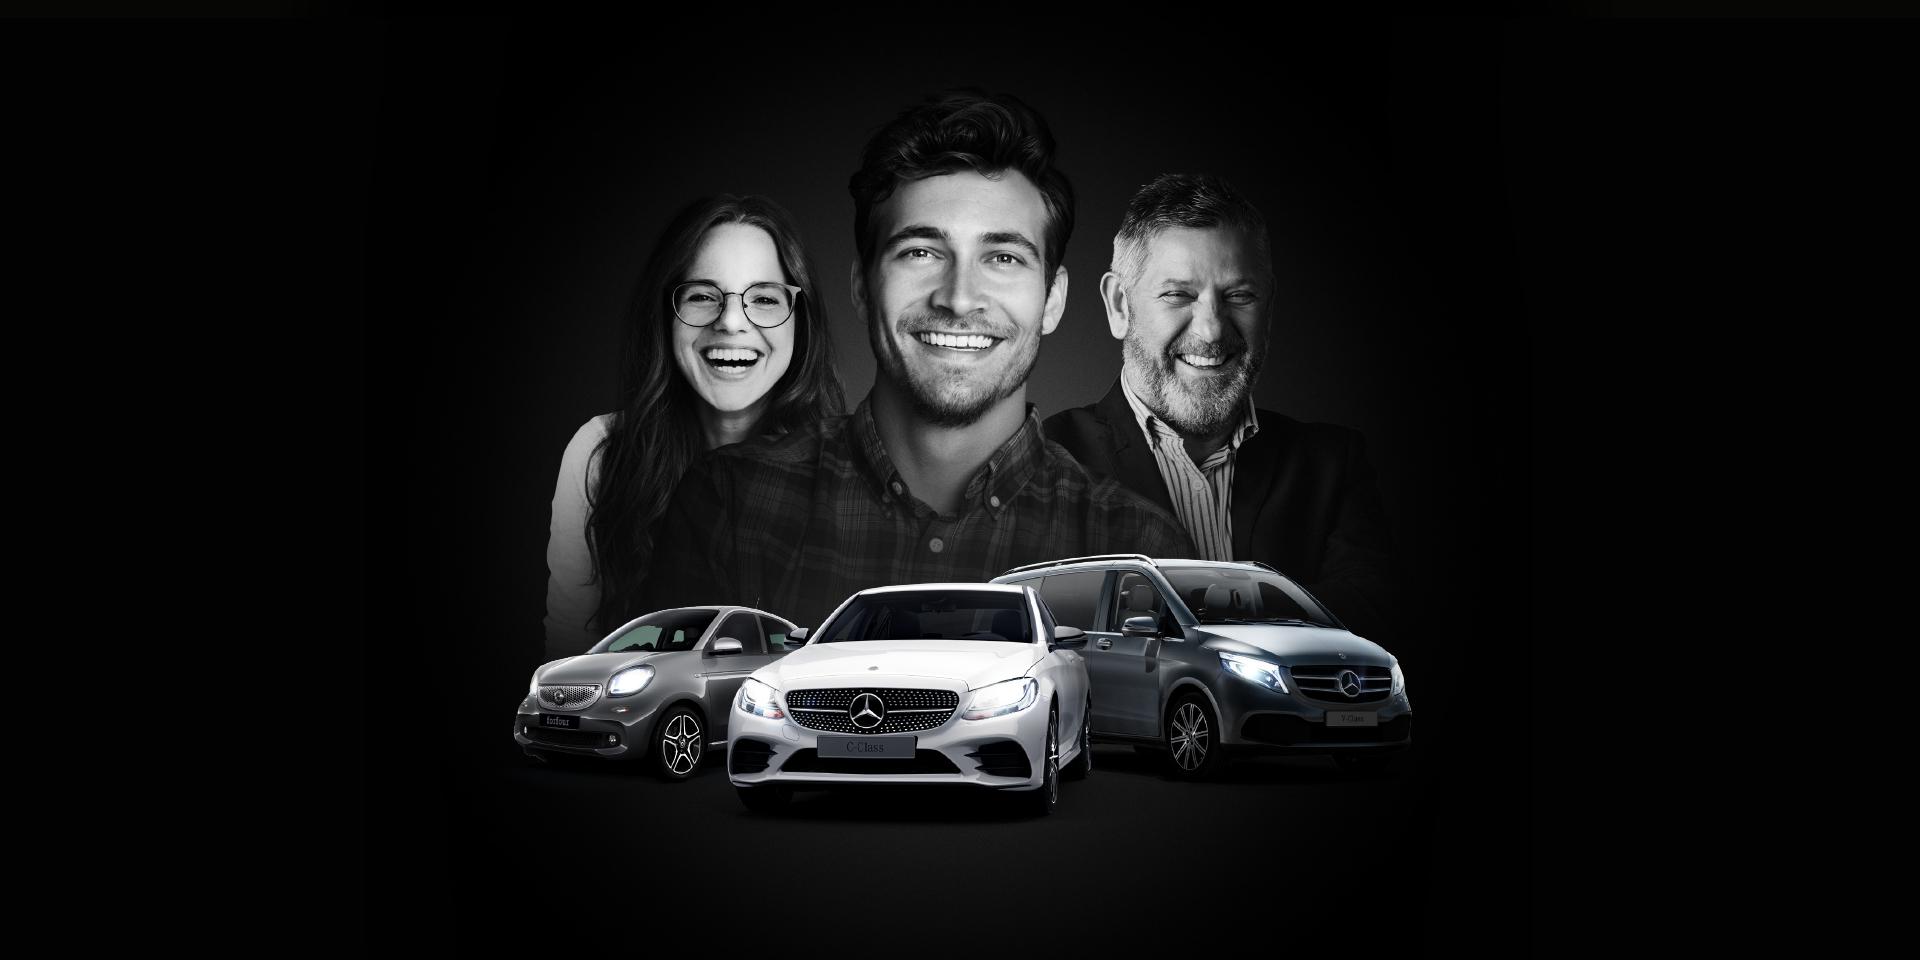 Mercedes-Benz – Saleskampagne - Markenbildung & Positionierung